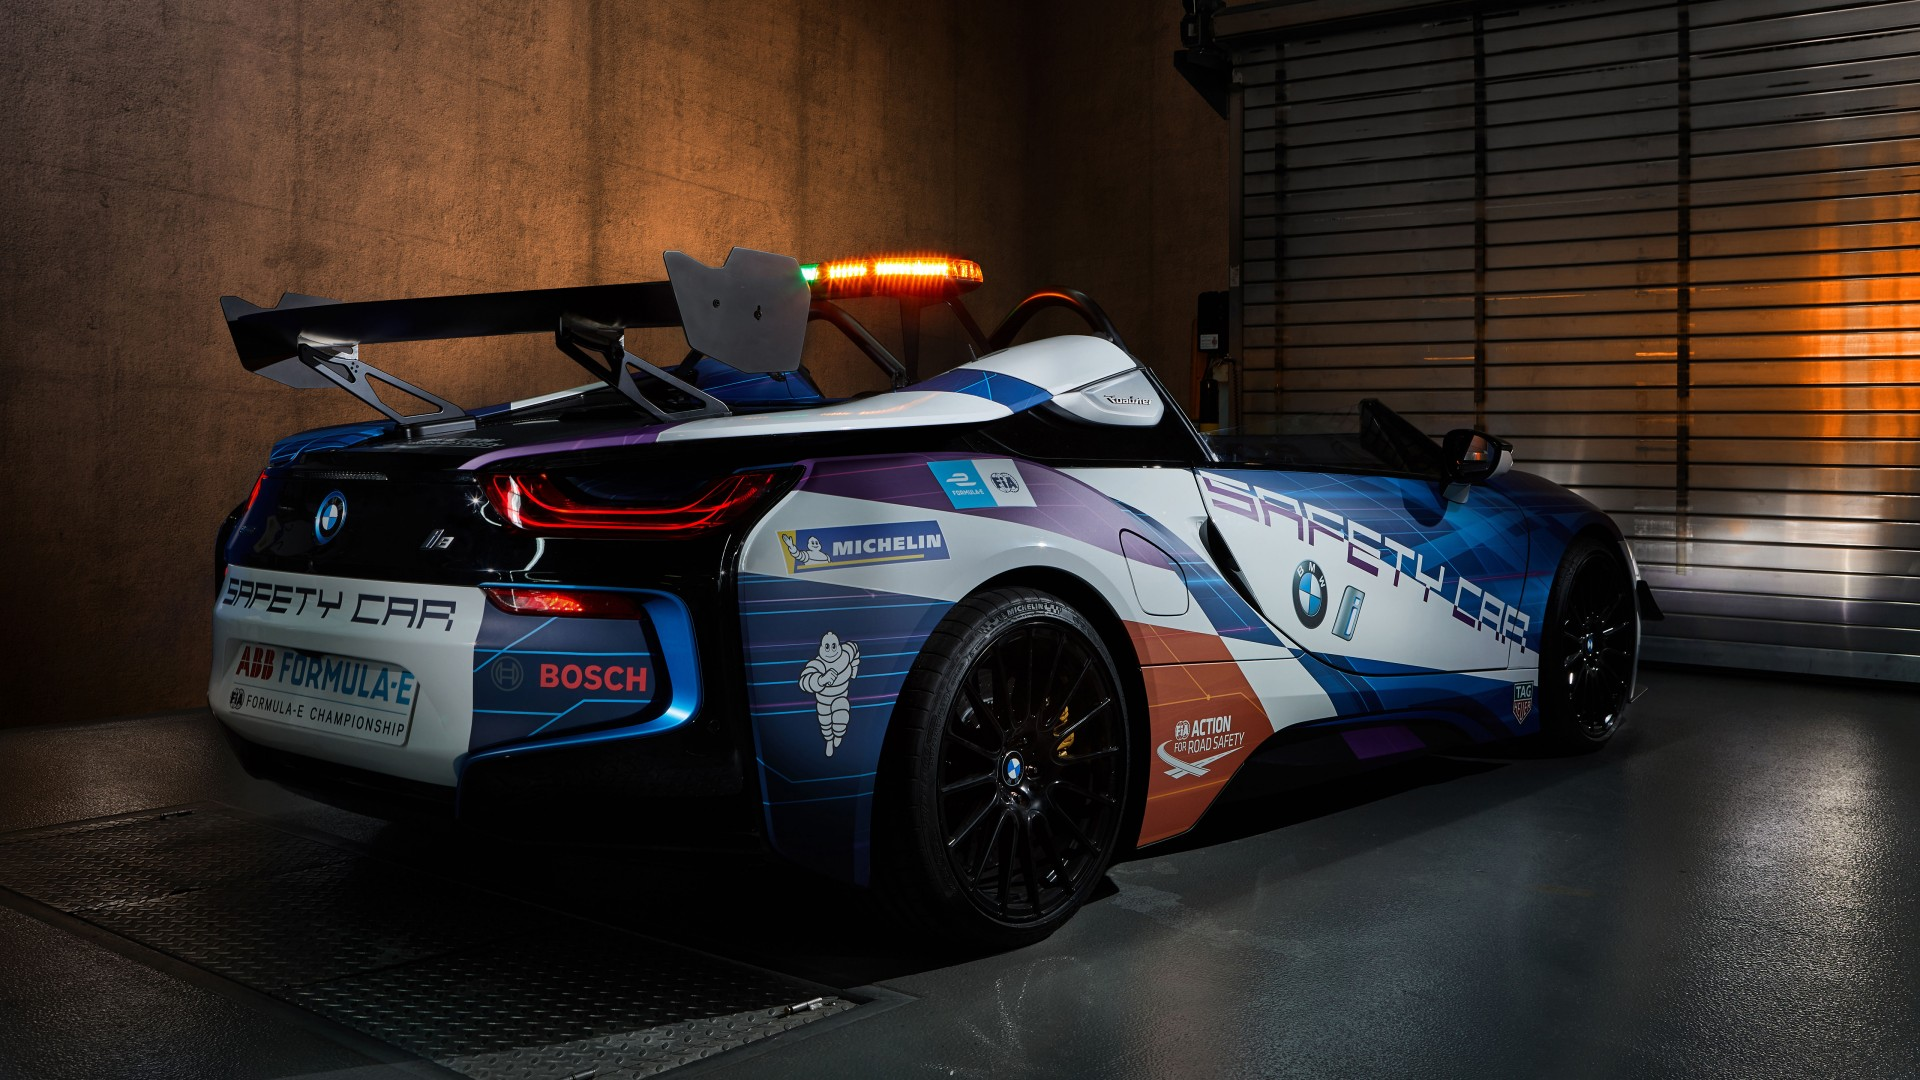 BMW i8 Roadster Formula E Safety Car 2019 5K 2 3 Wallpaper ...